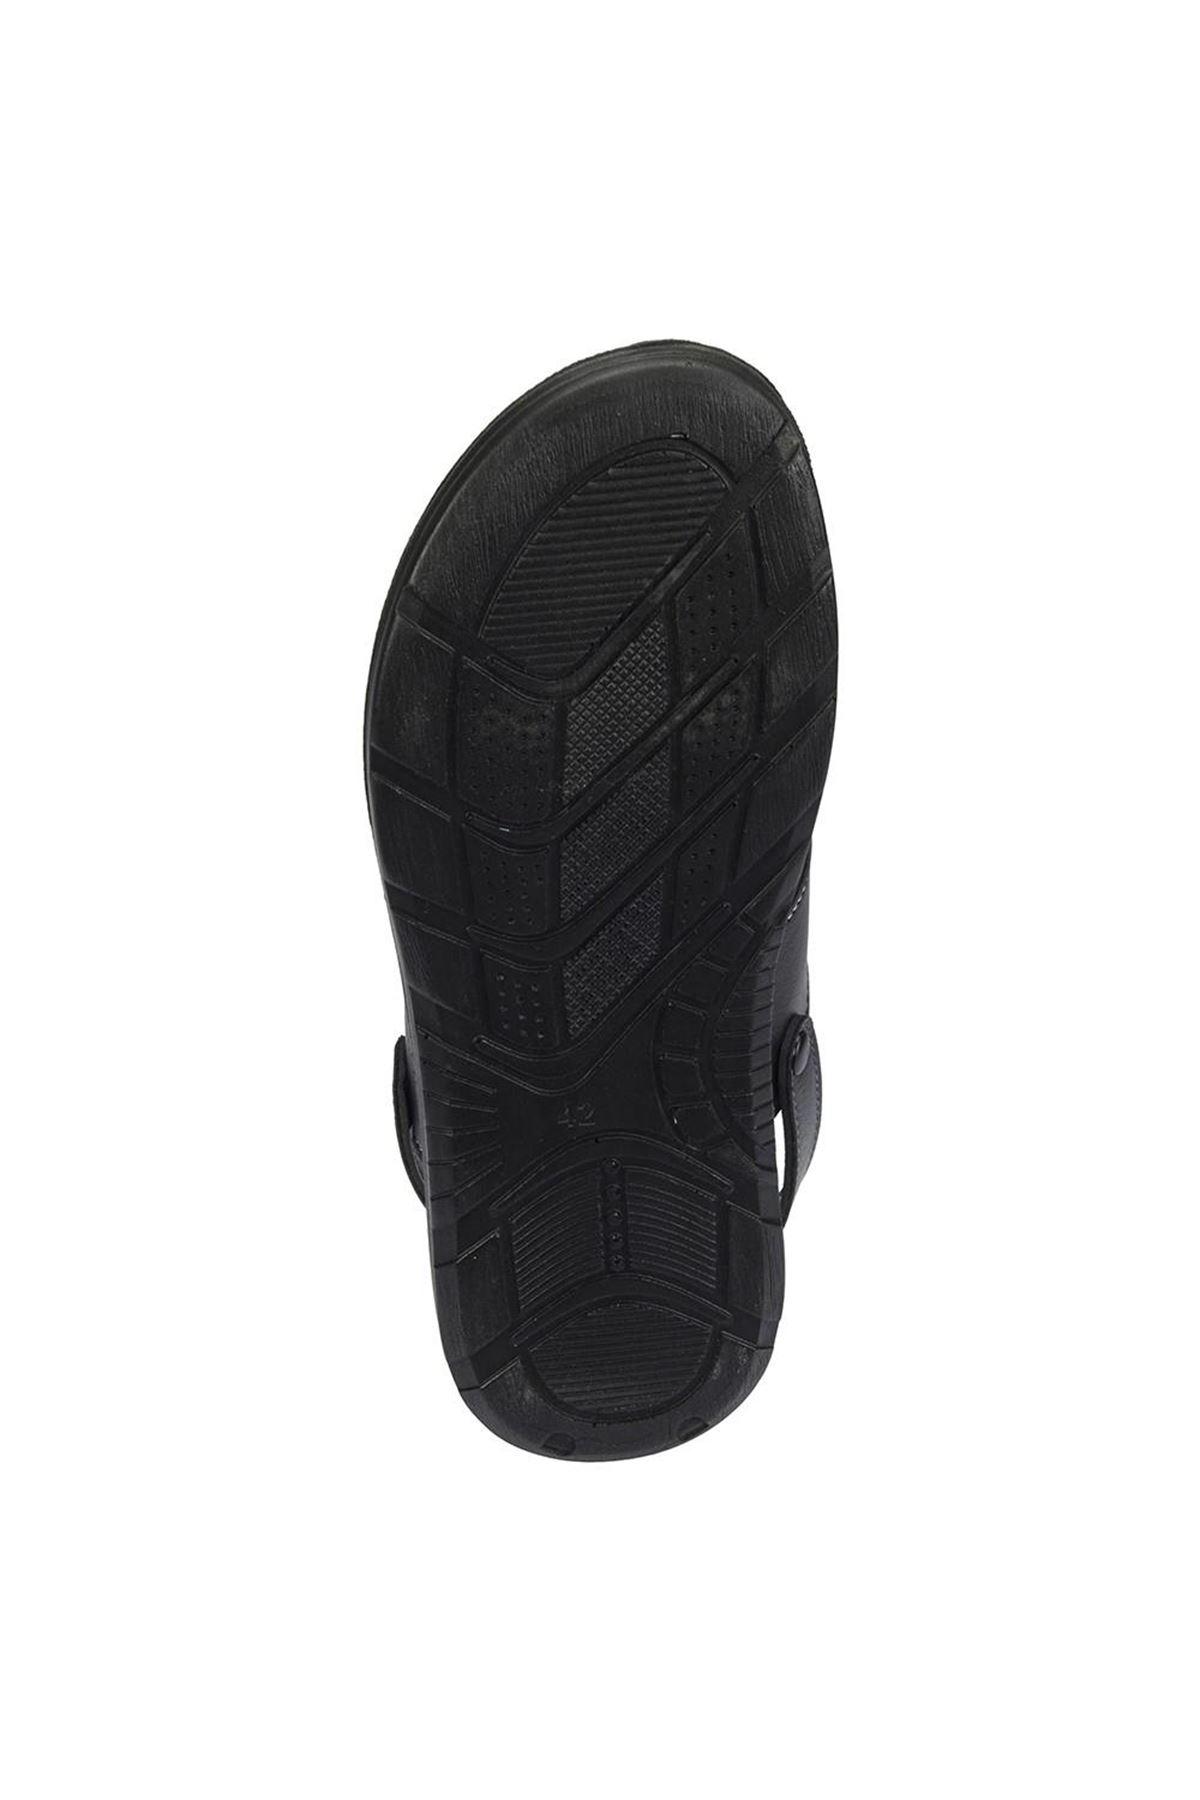 Forza Anorak Casual Erkek Spor Ayakkabı